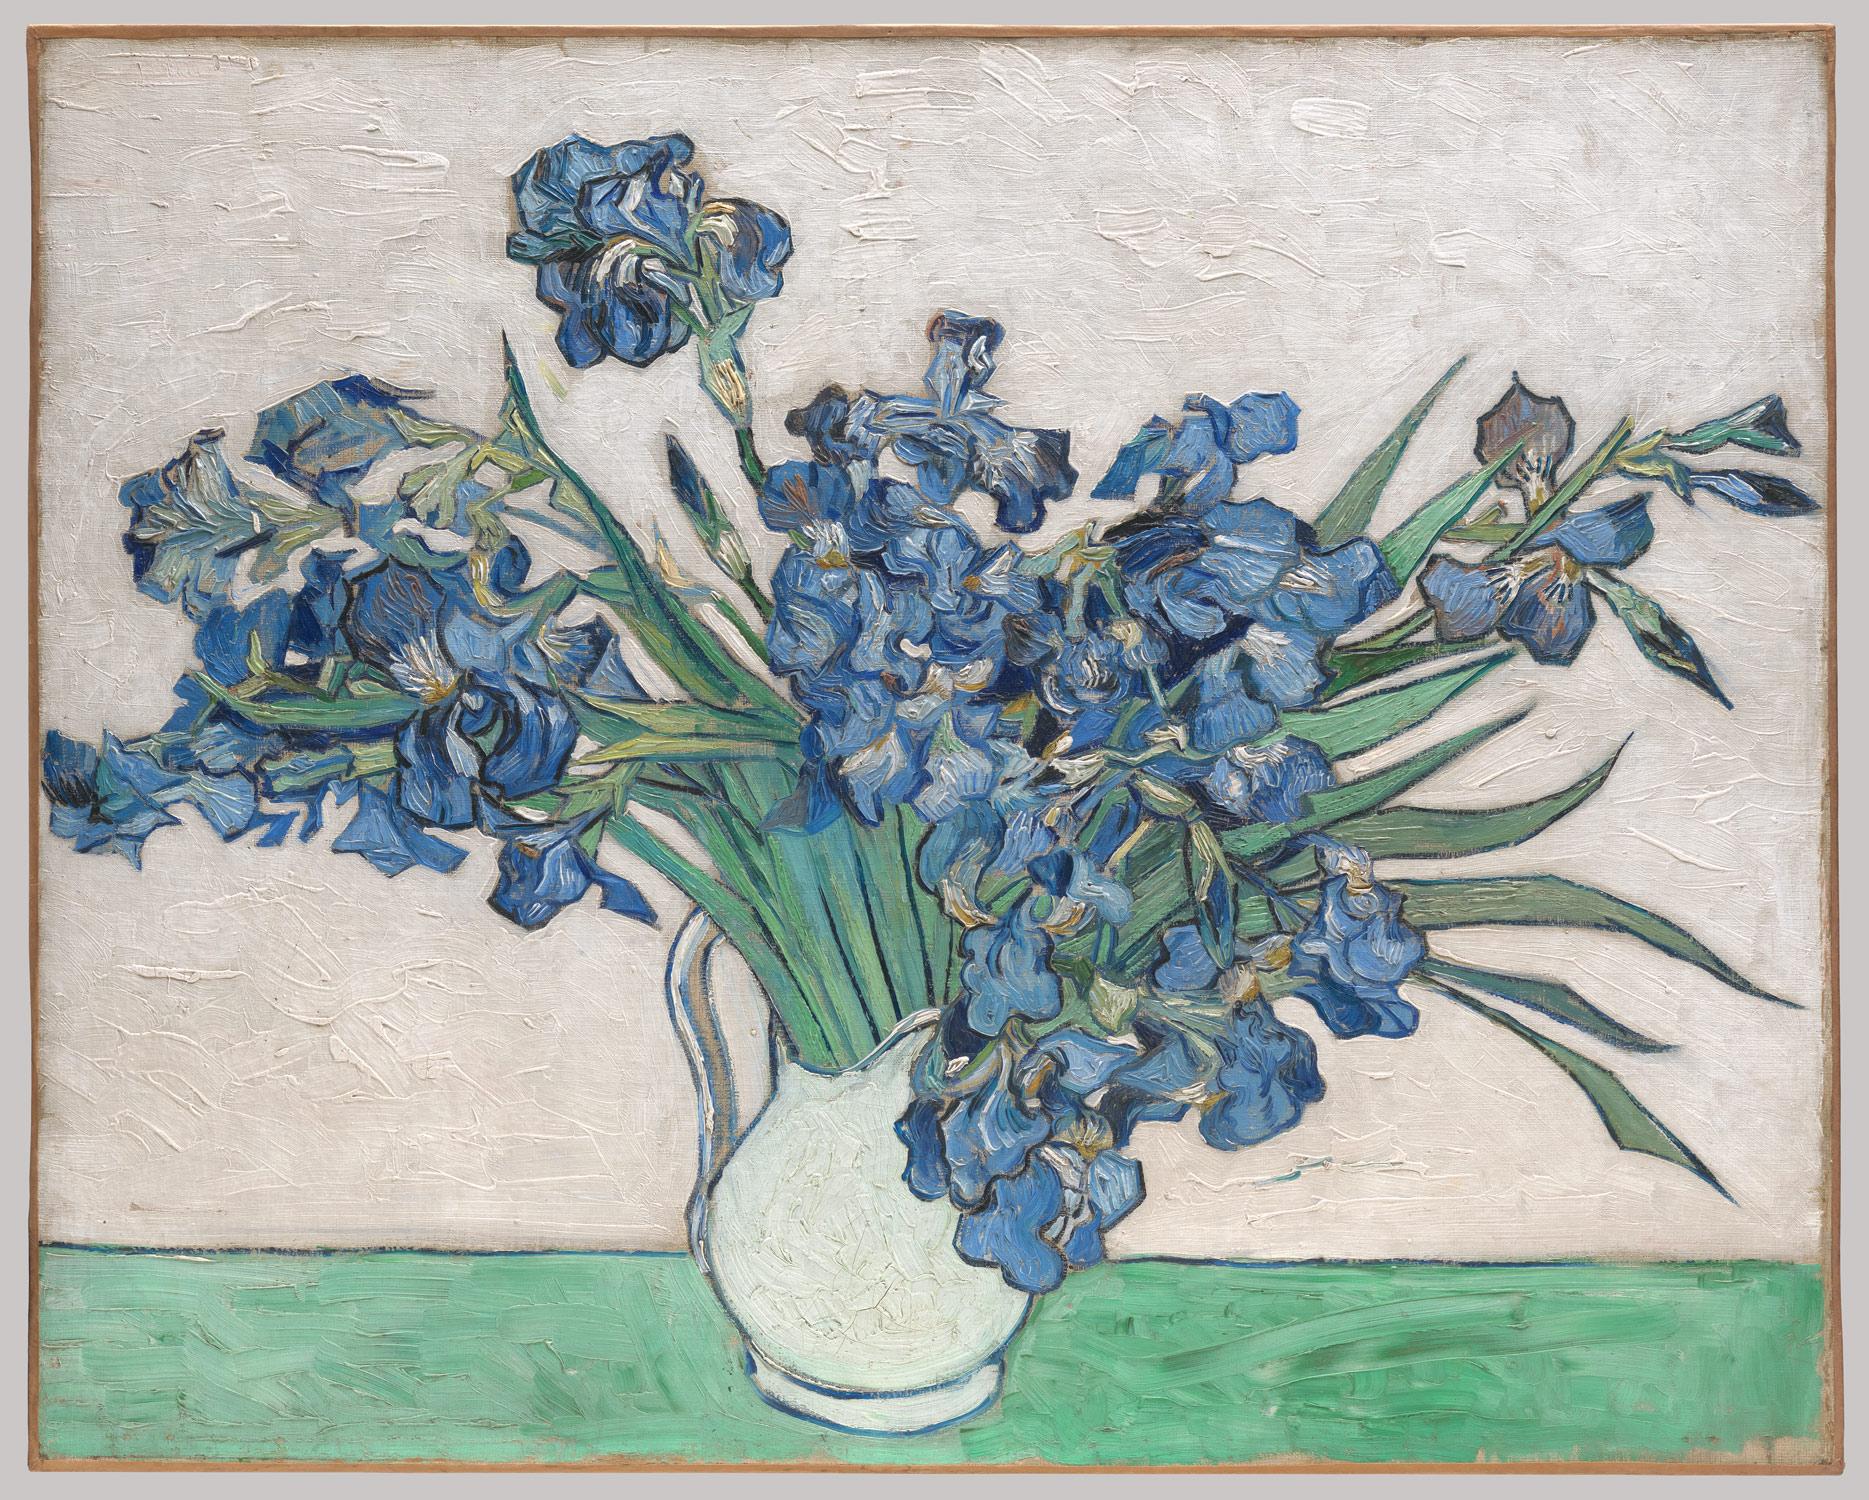 Van Gogh Year 2 Hb